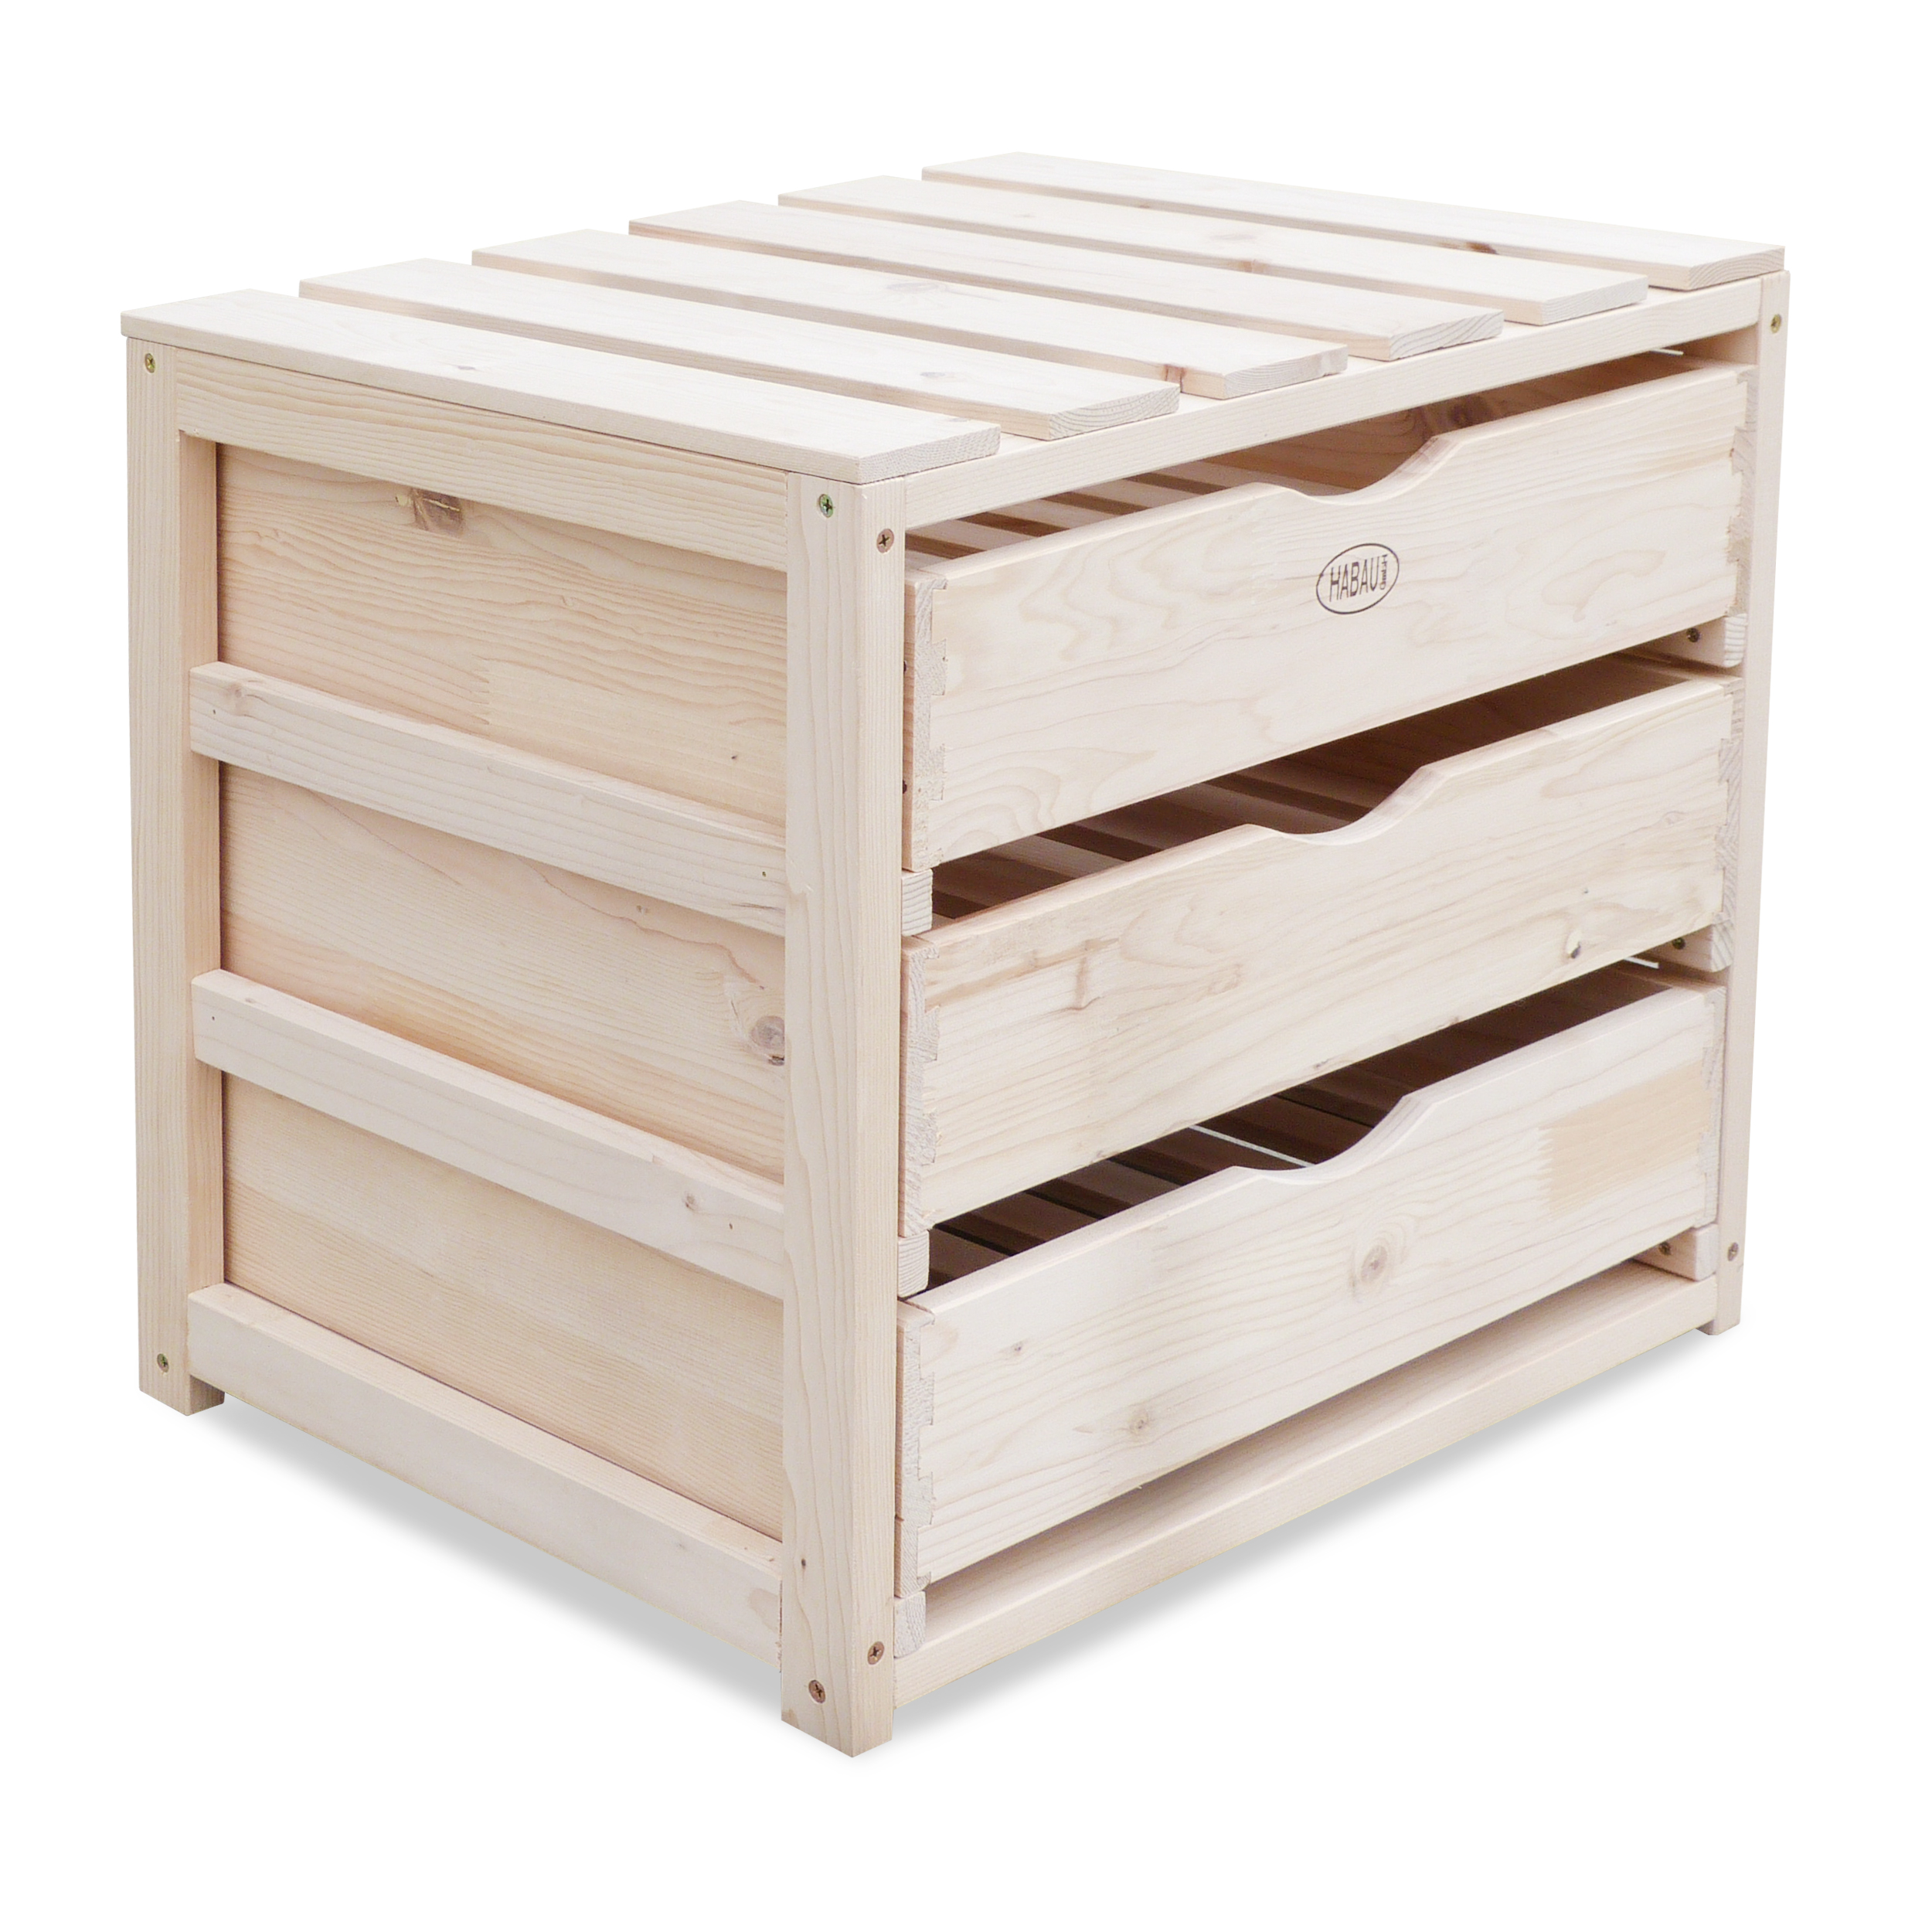 HABAU Holzkiste mit Schubladen aus Naturholz, voll verzapft, 50 x 40 x 45 cm